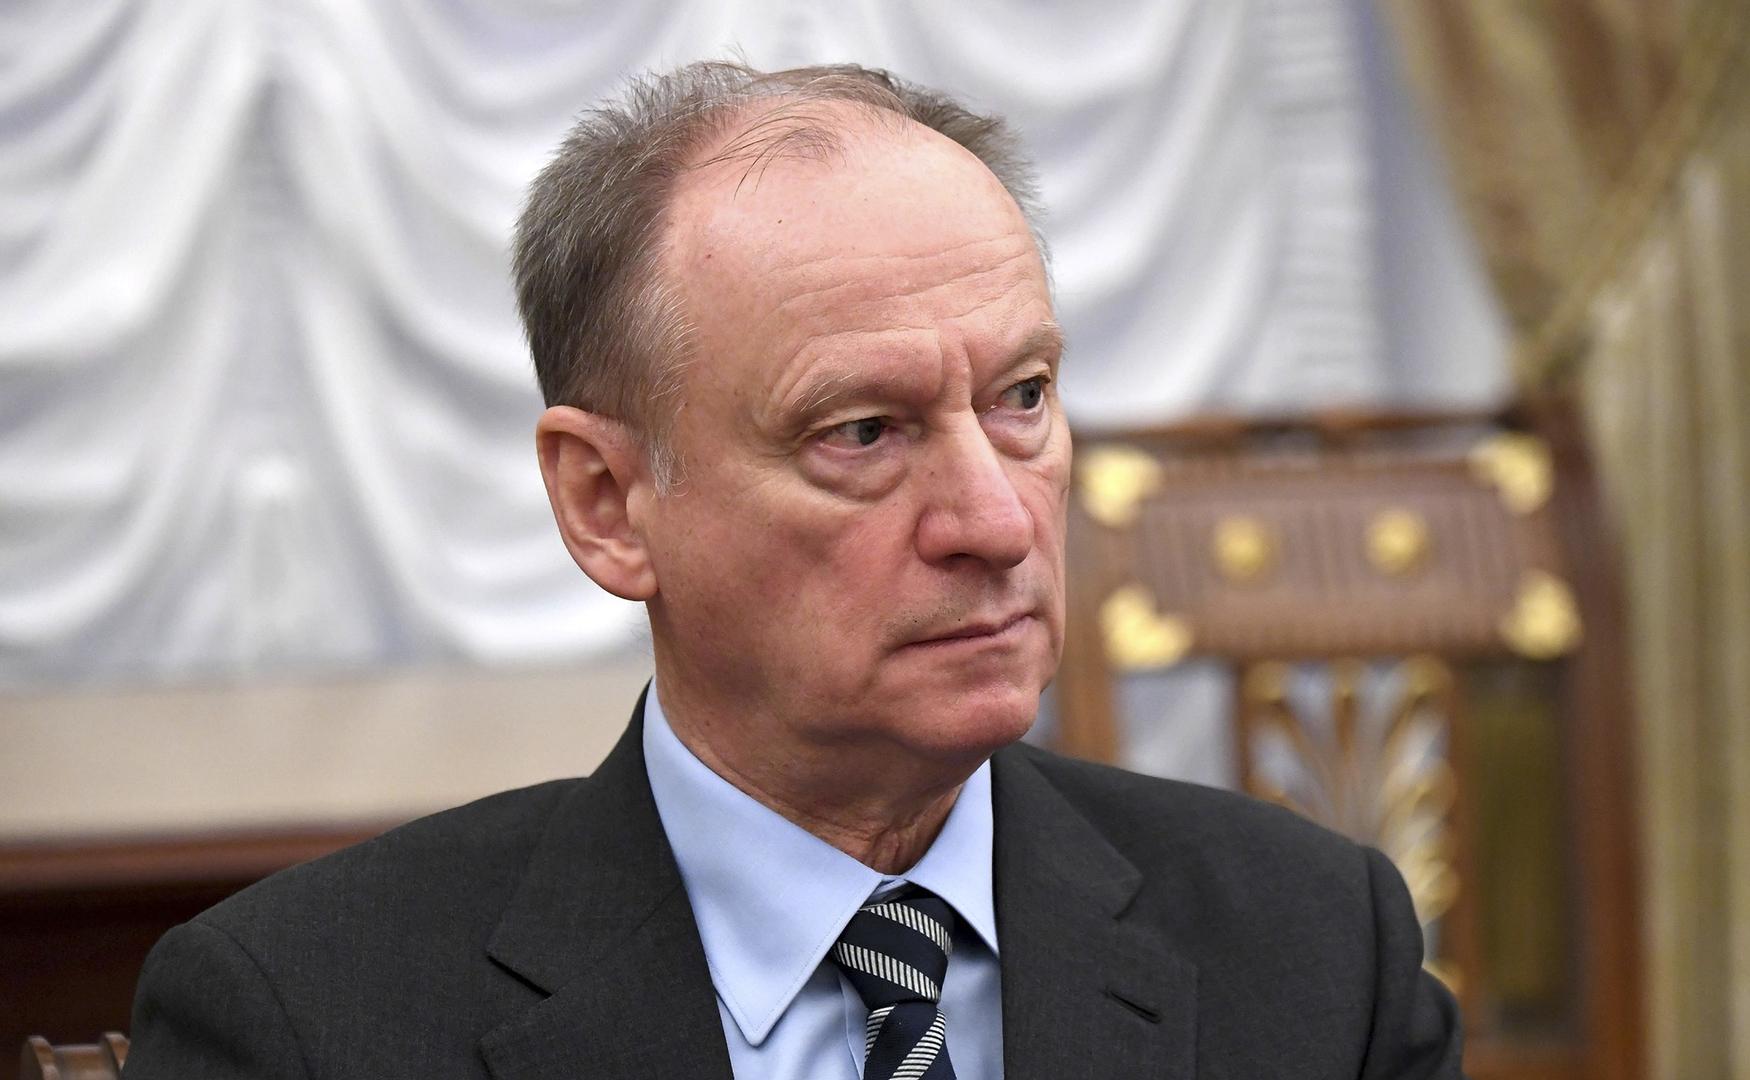 سكرتير مجلس الأمن القومي الروسي نيكولاي باتروشيف